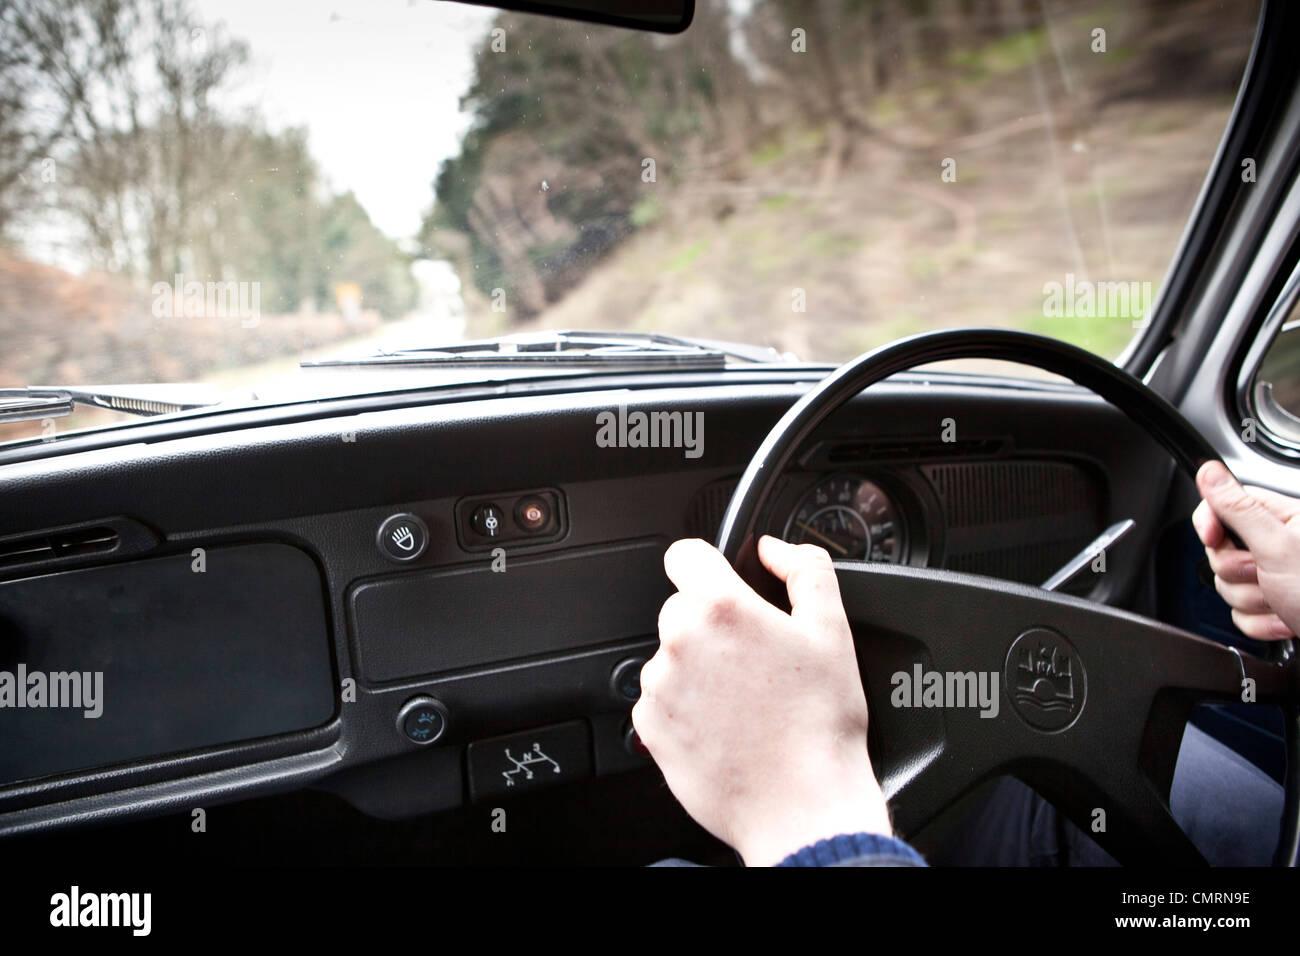 Driving Volkswagen Beetle type 1 - Stock Image